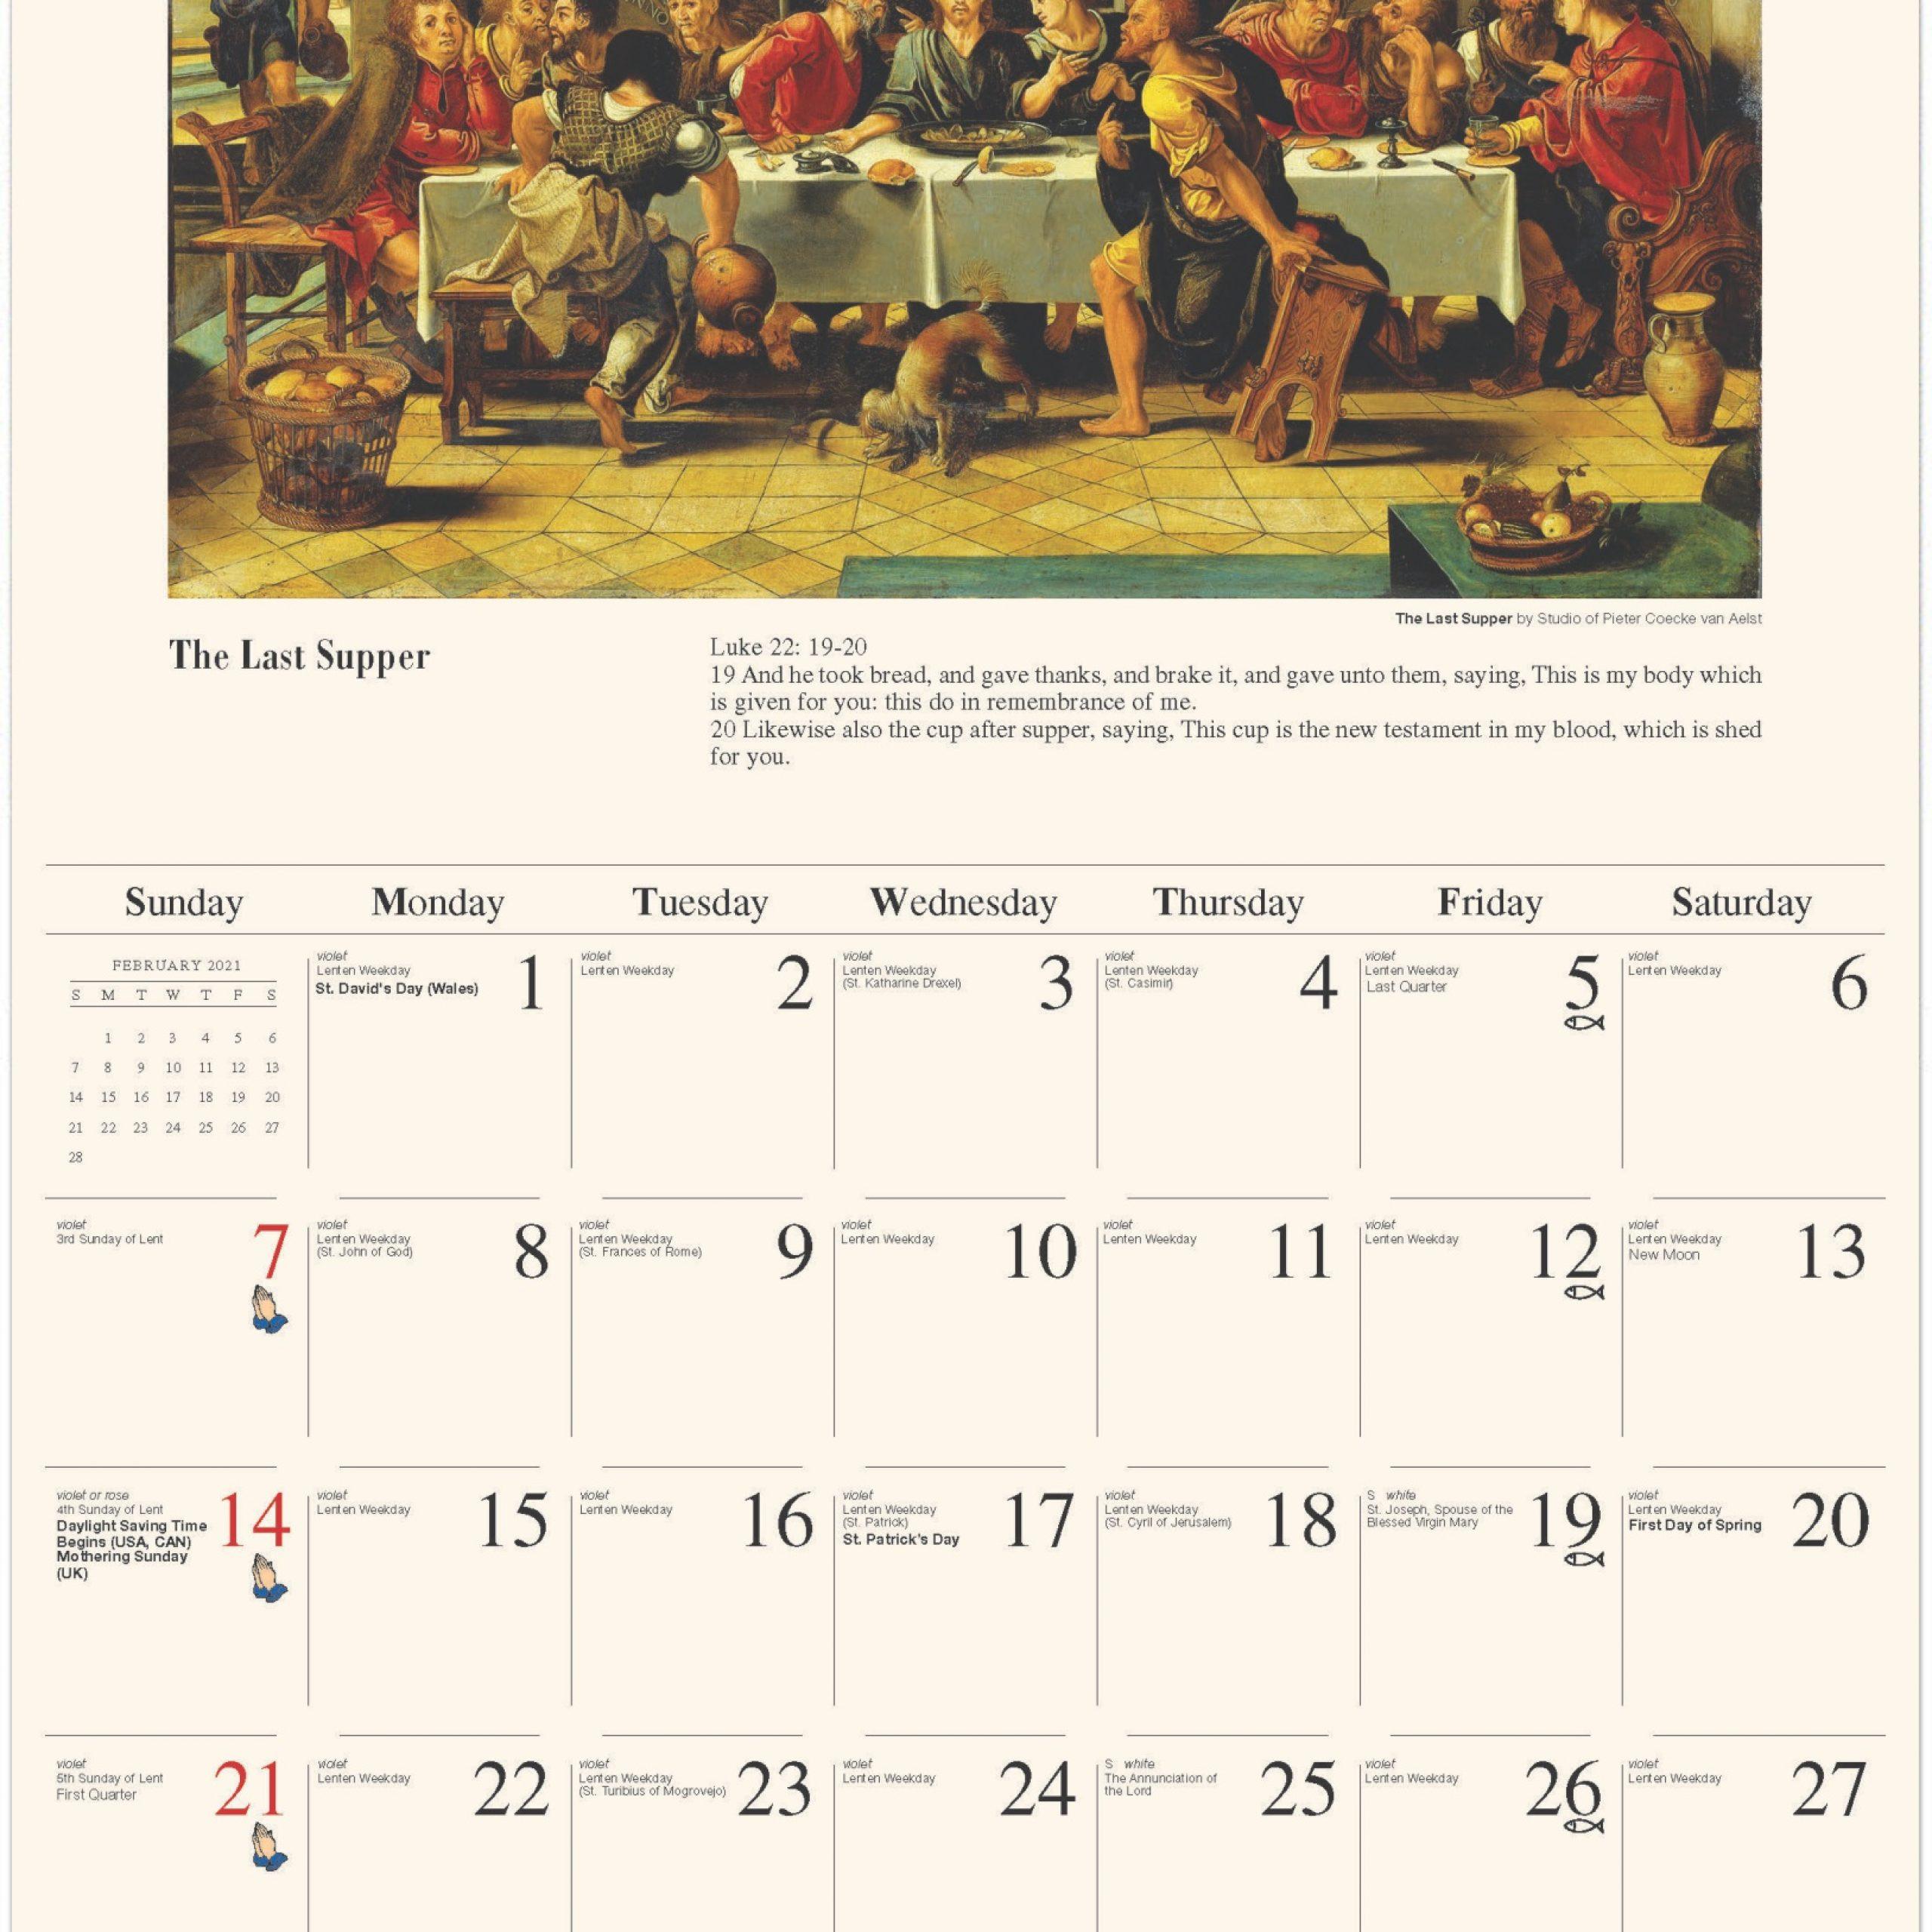 Catholic Calendar 2021 Canada | Free Printable Calendar  Printabel Lectionary Clalendar For 2021 Umc